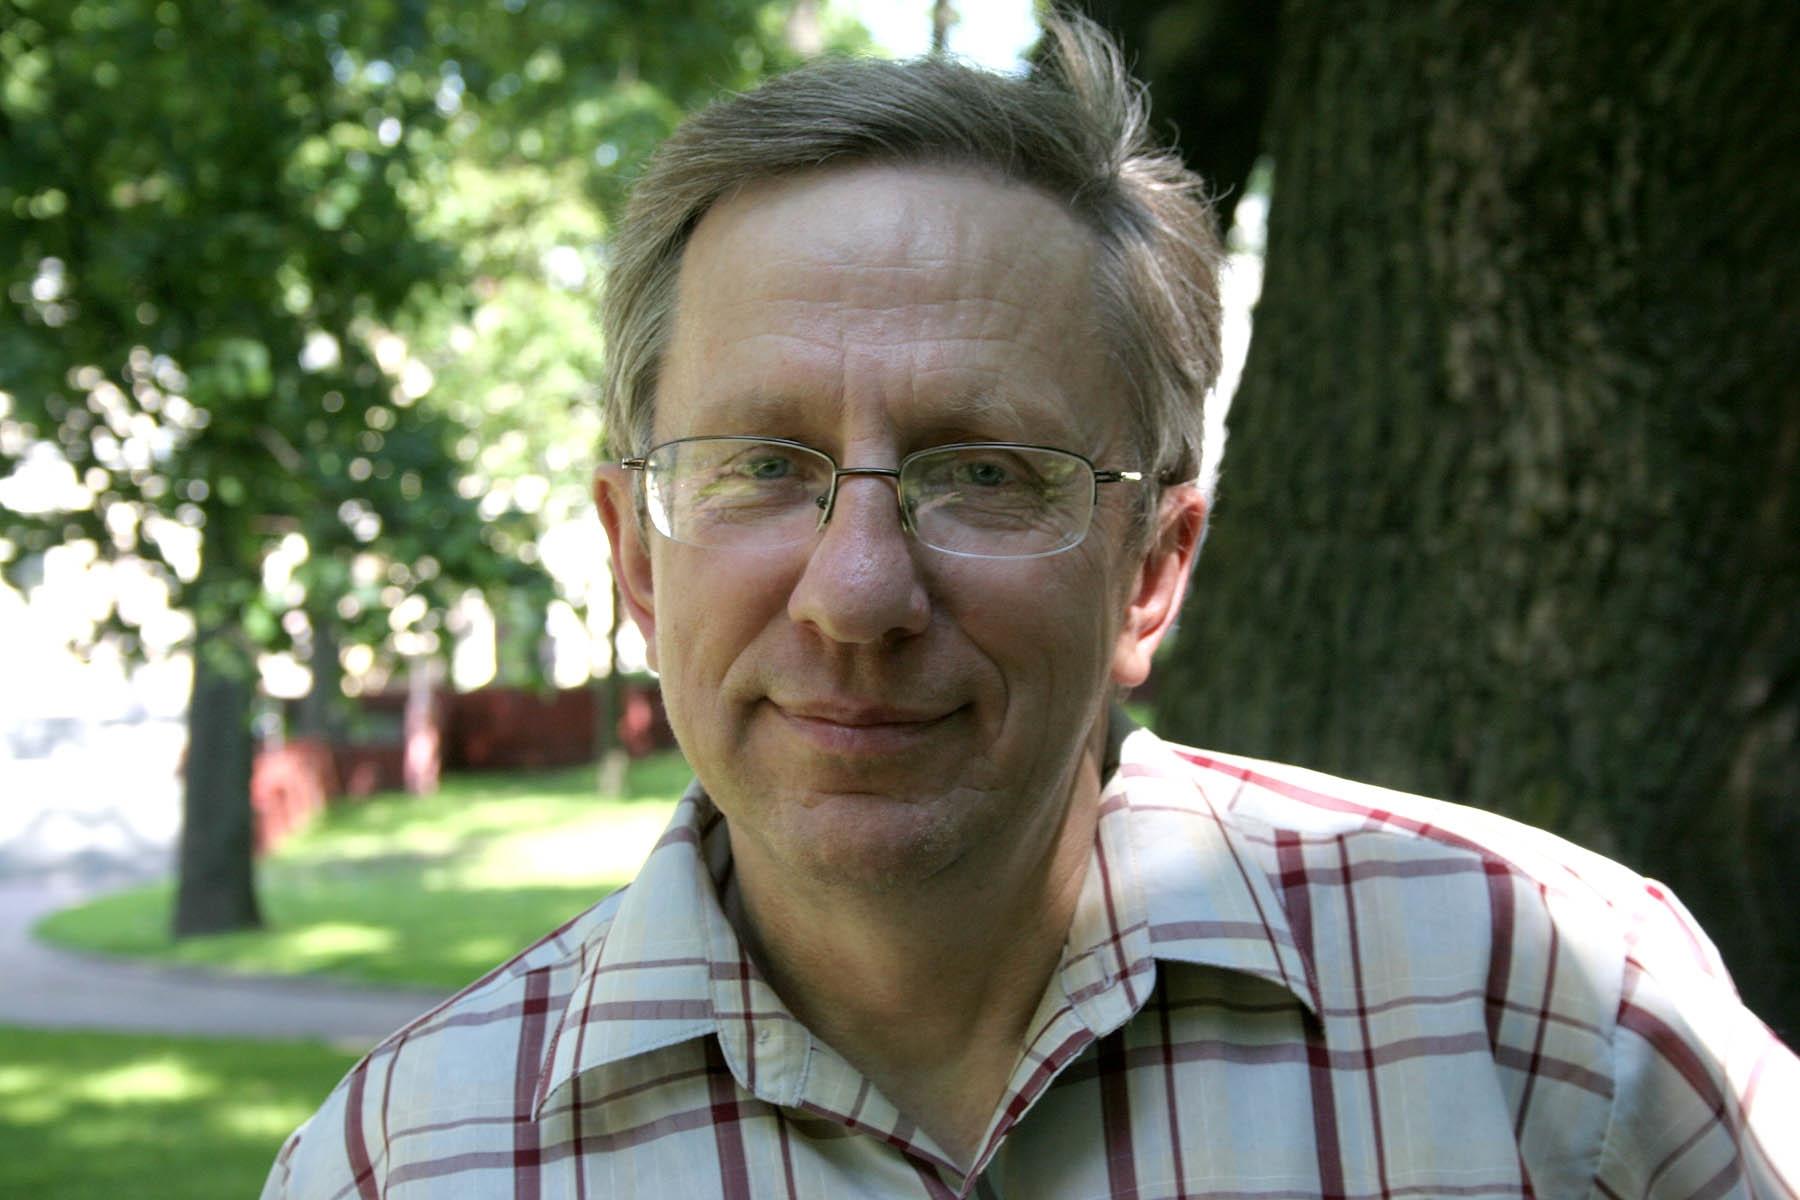 Фото мужчины 50 лет в очках русские   подборка (13)